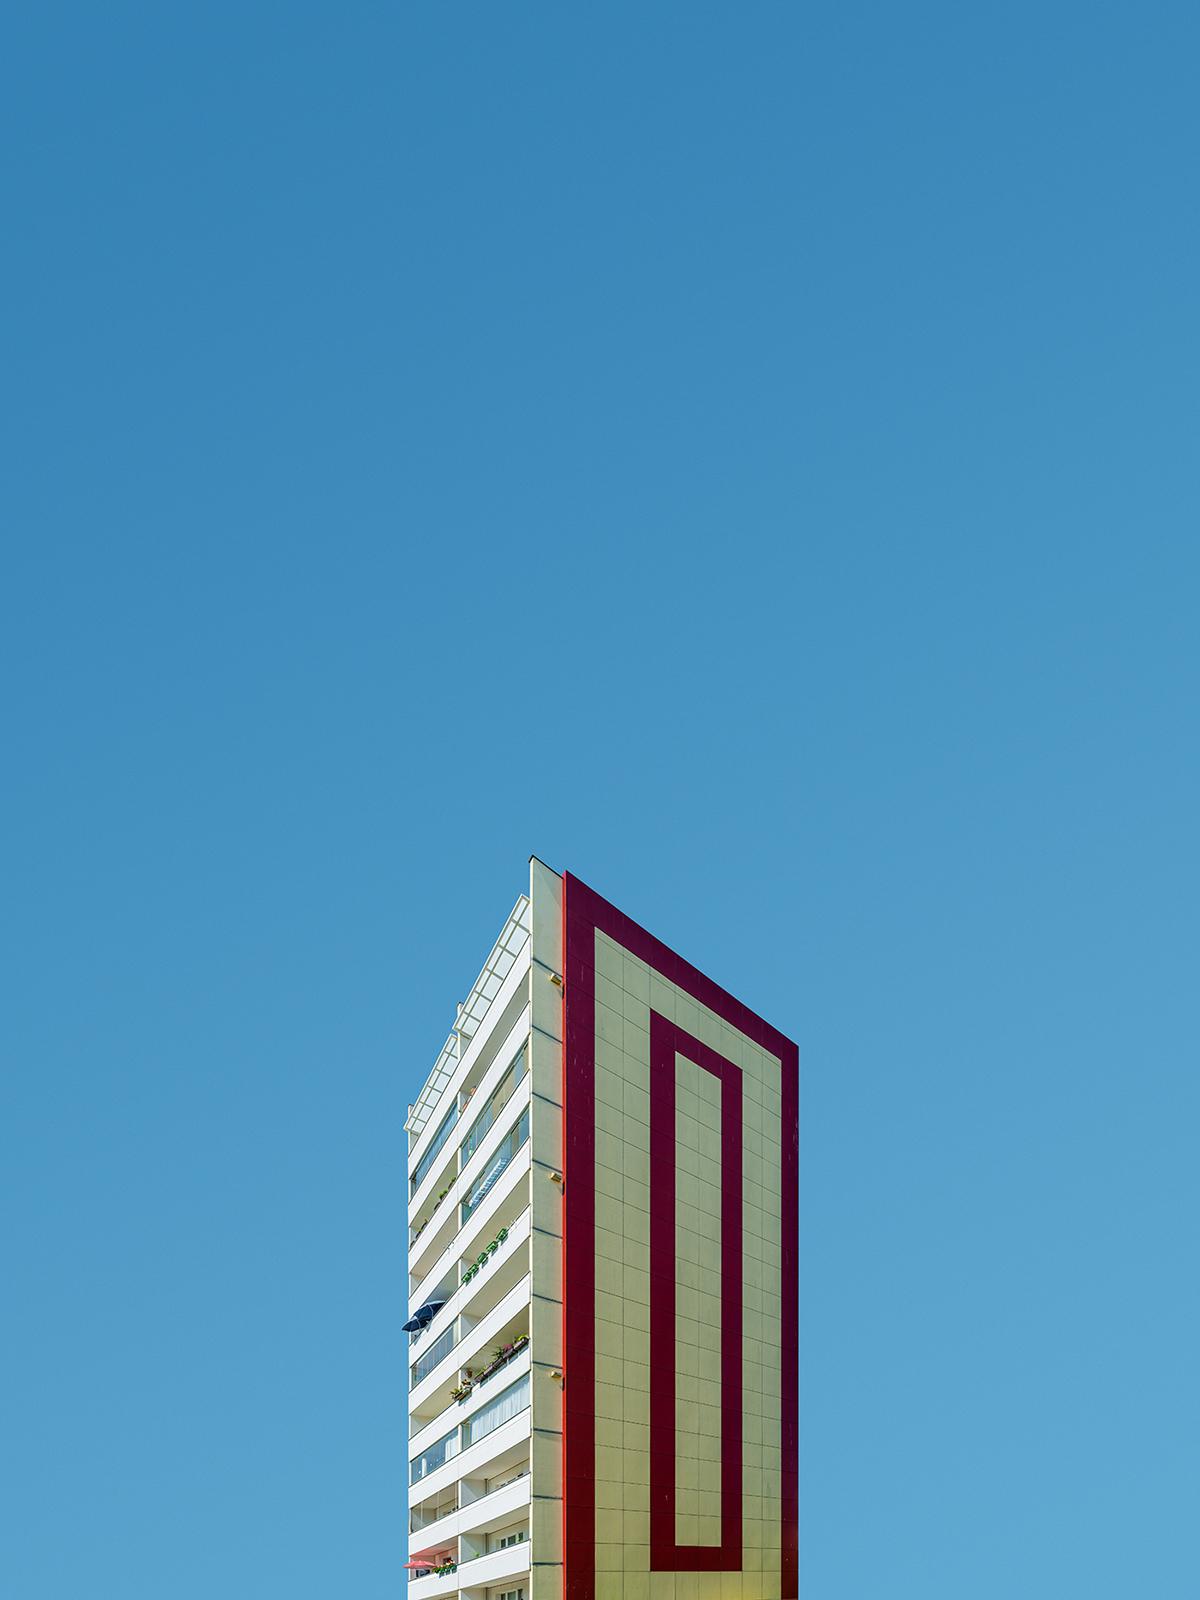 minimal buildings Single city Urban towerblocks taiwan taipei berlin Frankfurt